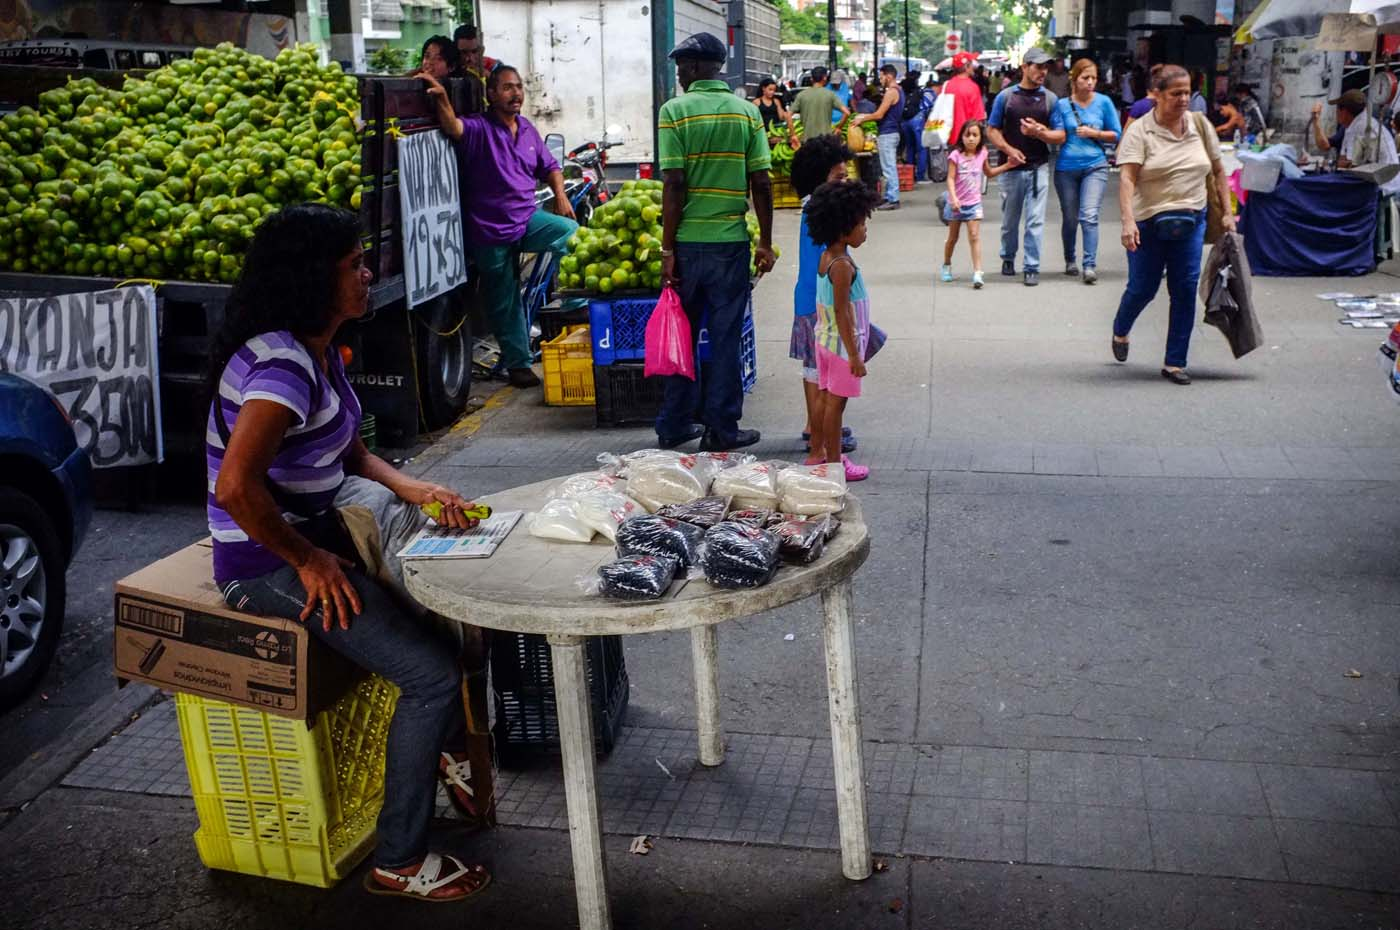 Desenfrenada: Canasta Alimentaria superó los 50 millones en marzo